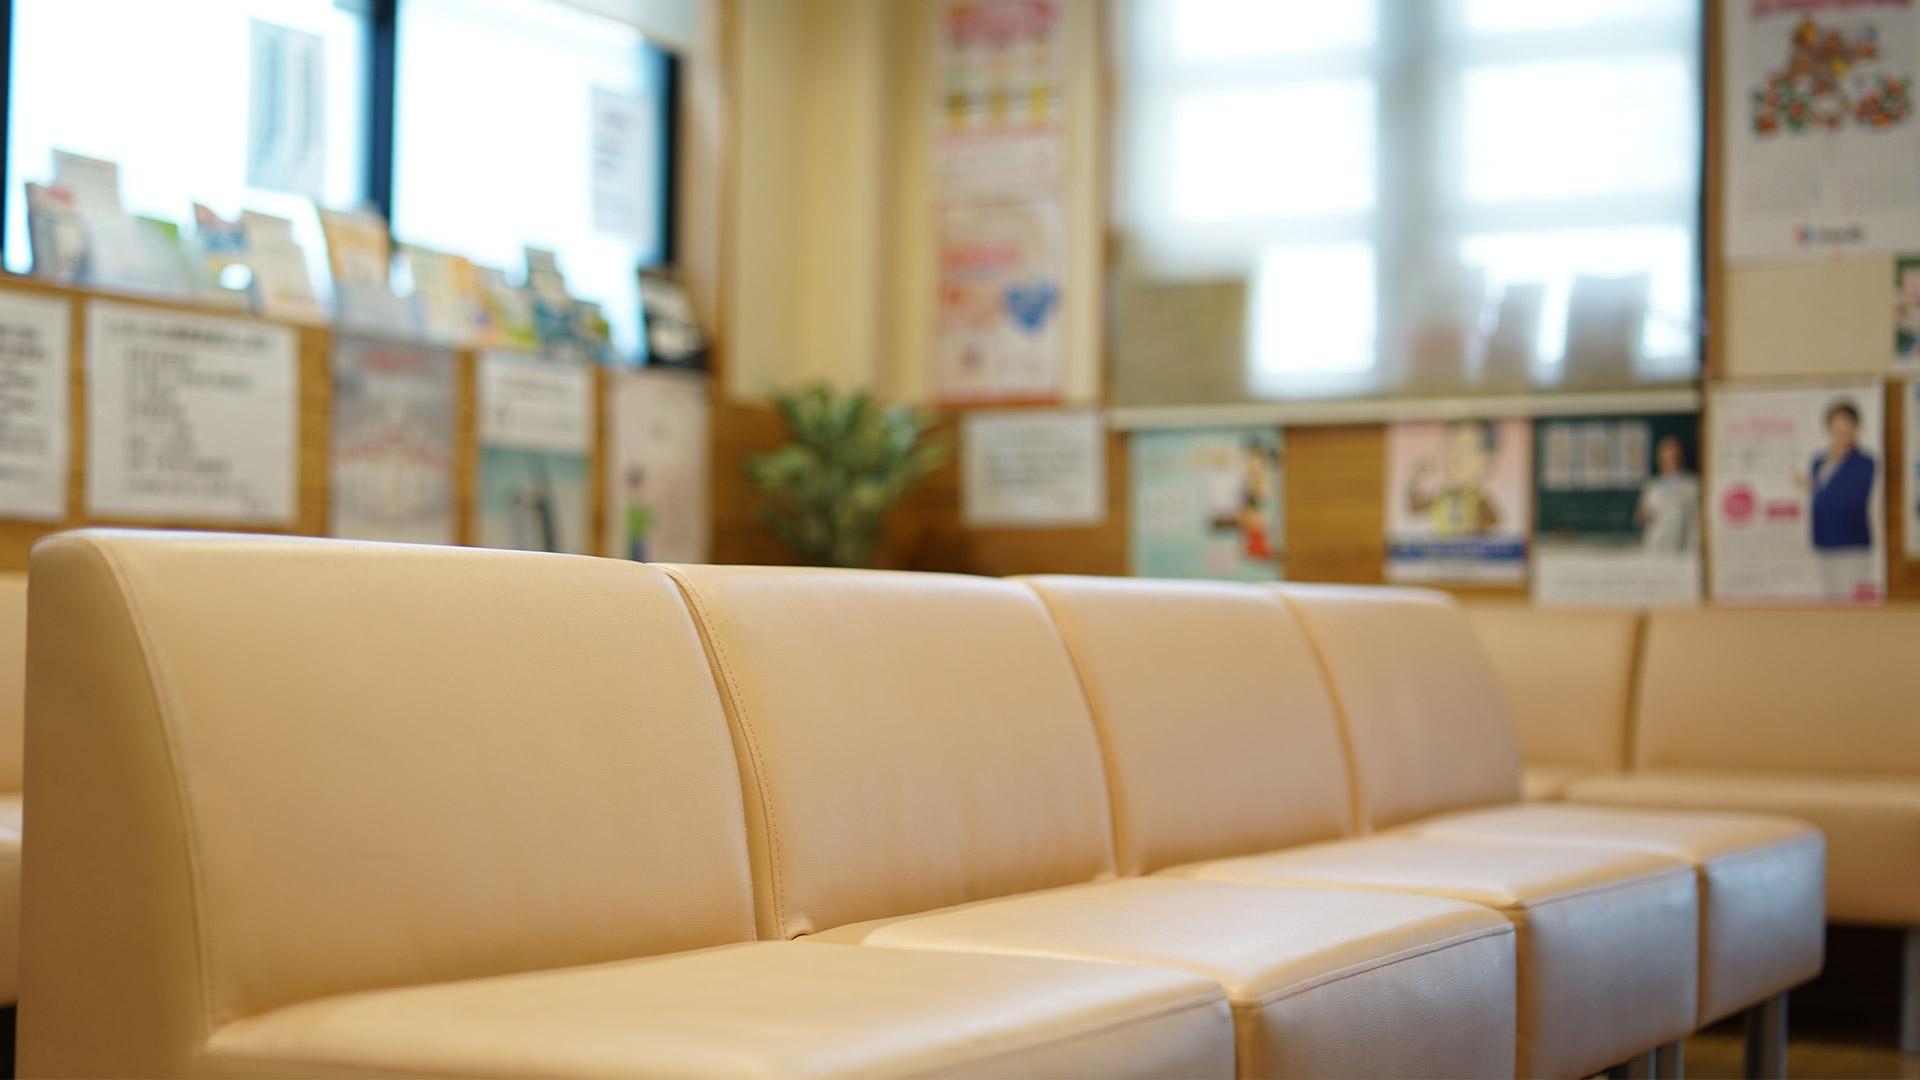 大曽根の内科・小児科・アレルギー科「オズモール内科クリニック:待合室」